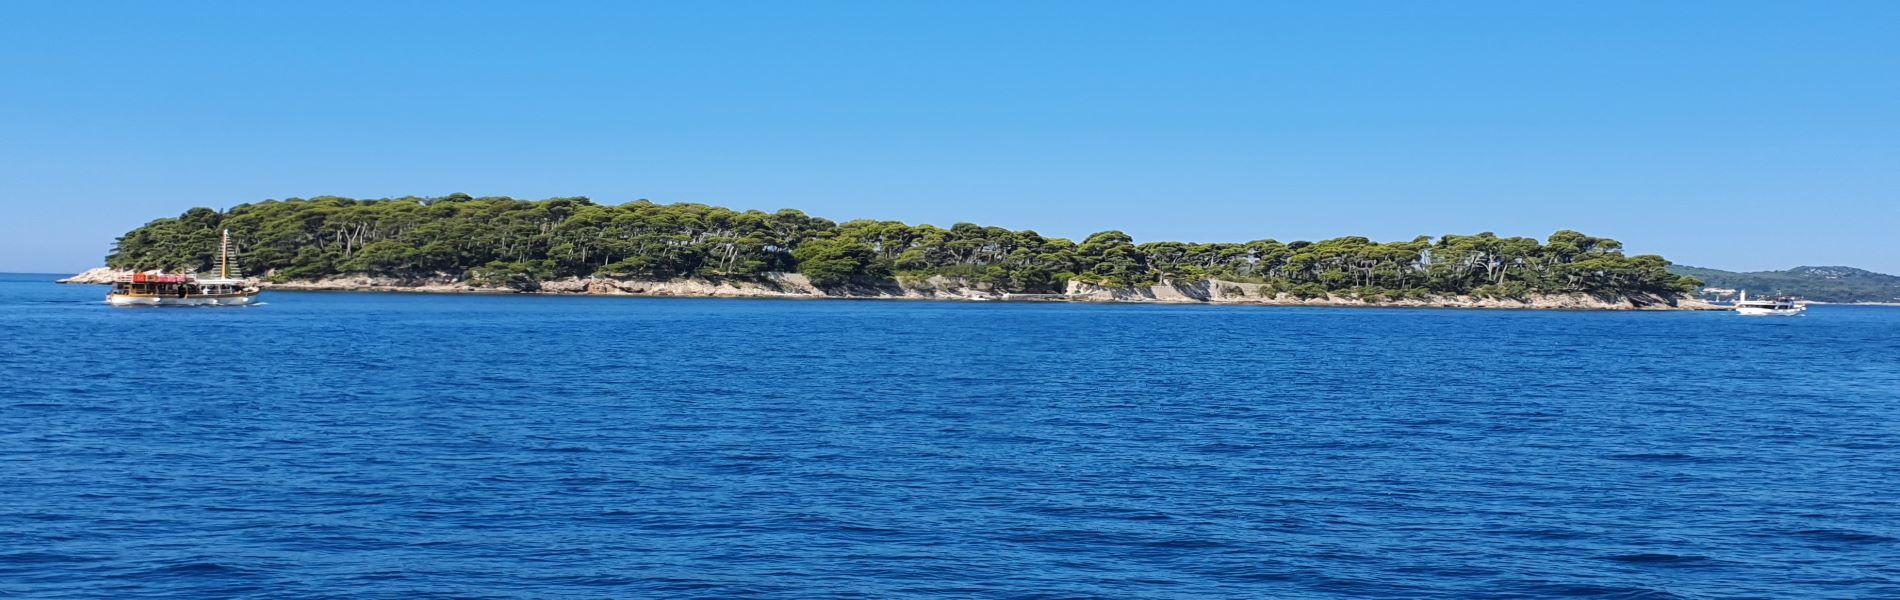 Exploring tree Elaphite islands